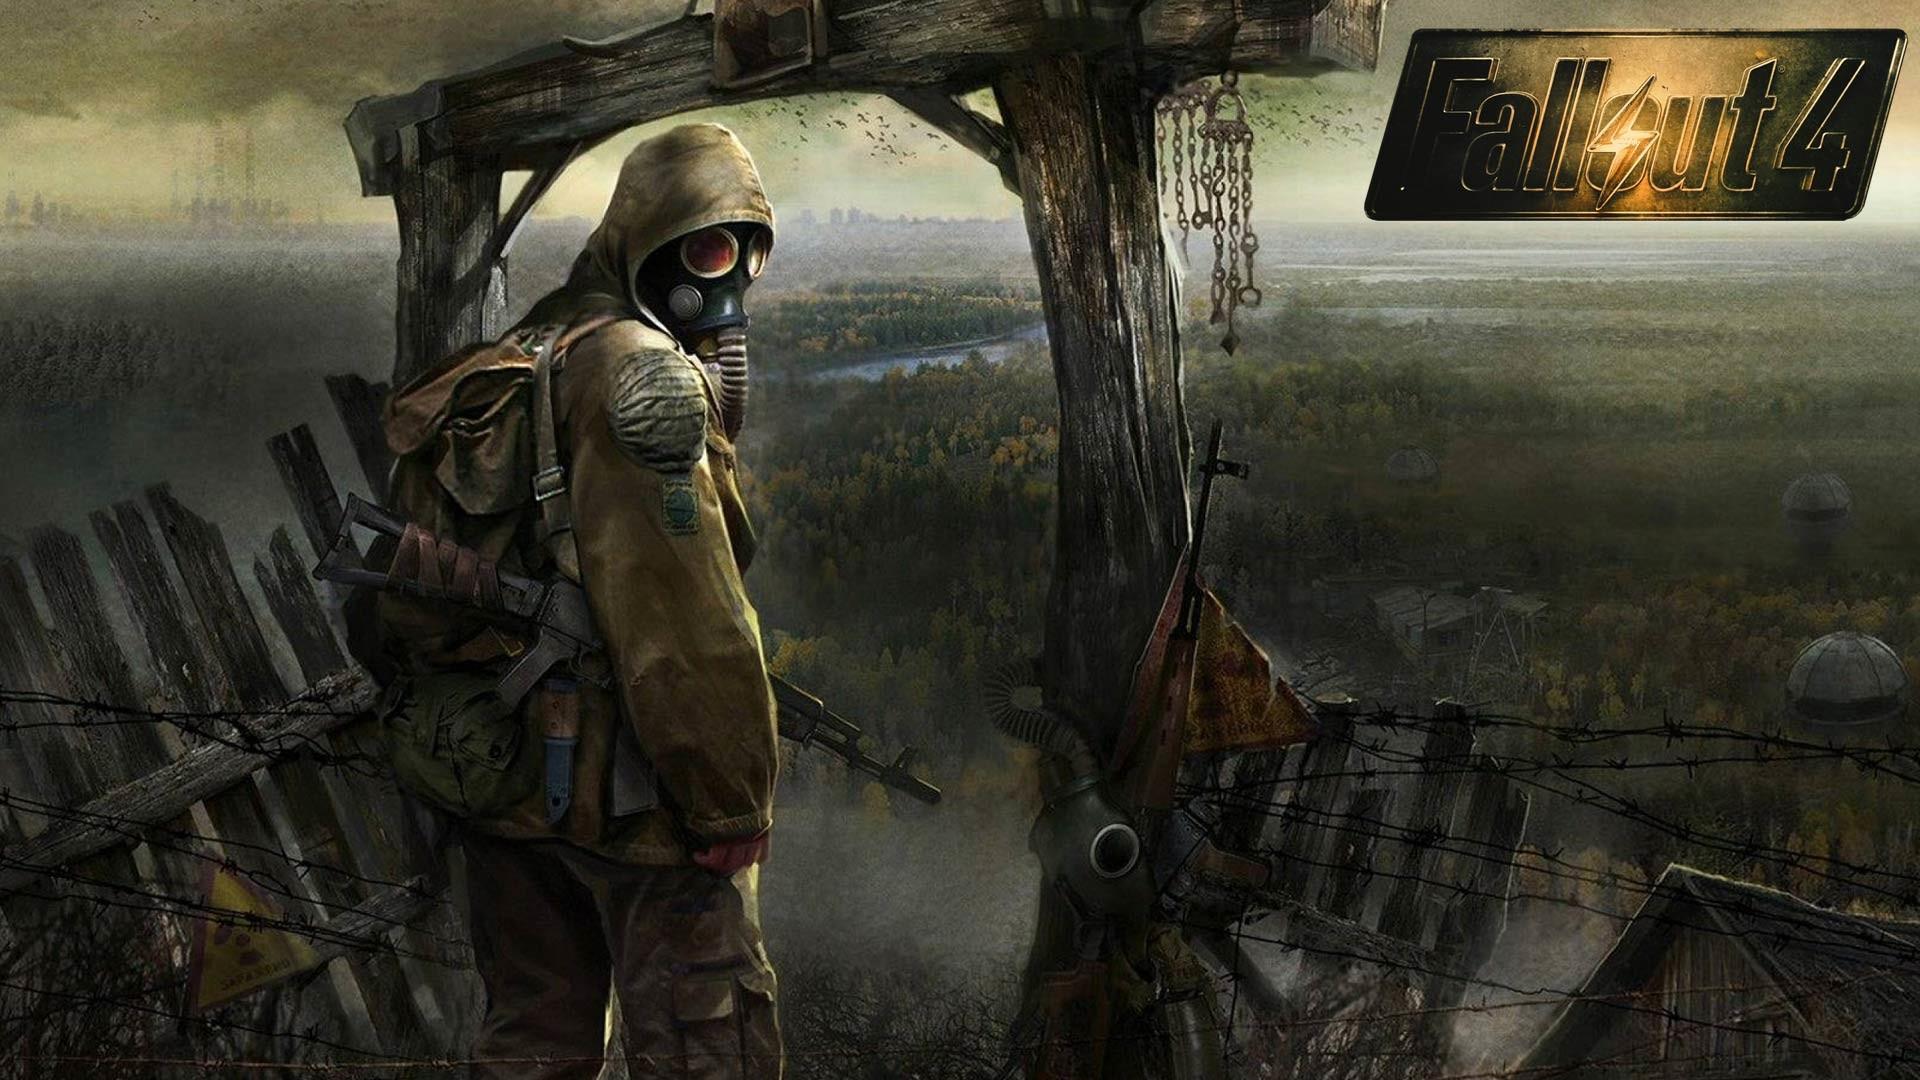 Fallout 4 1080p Wallpaper – WallpaperSafari